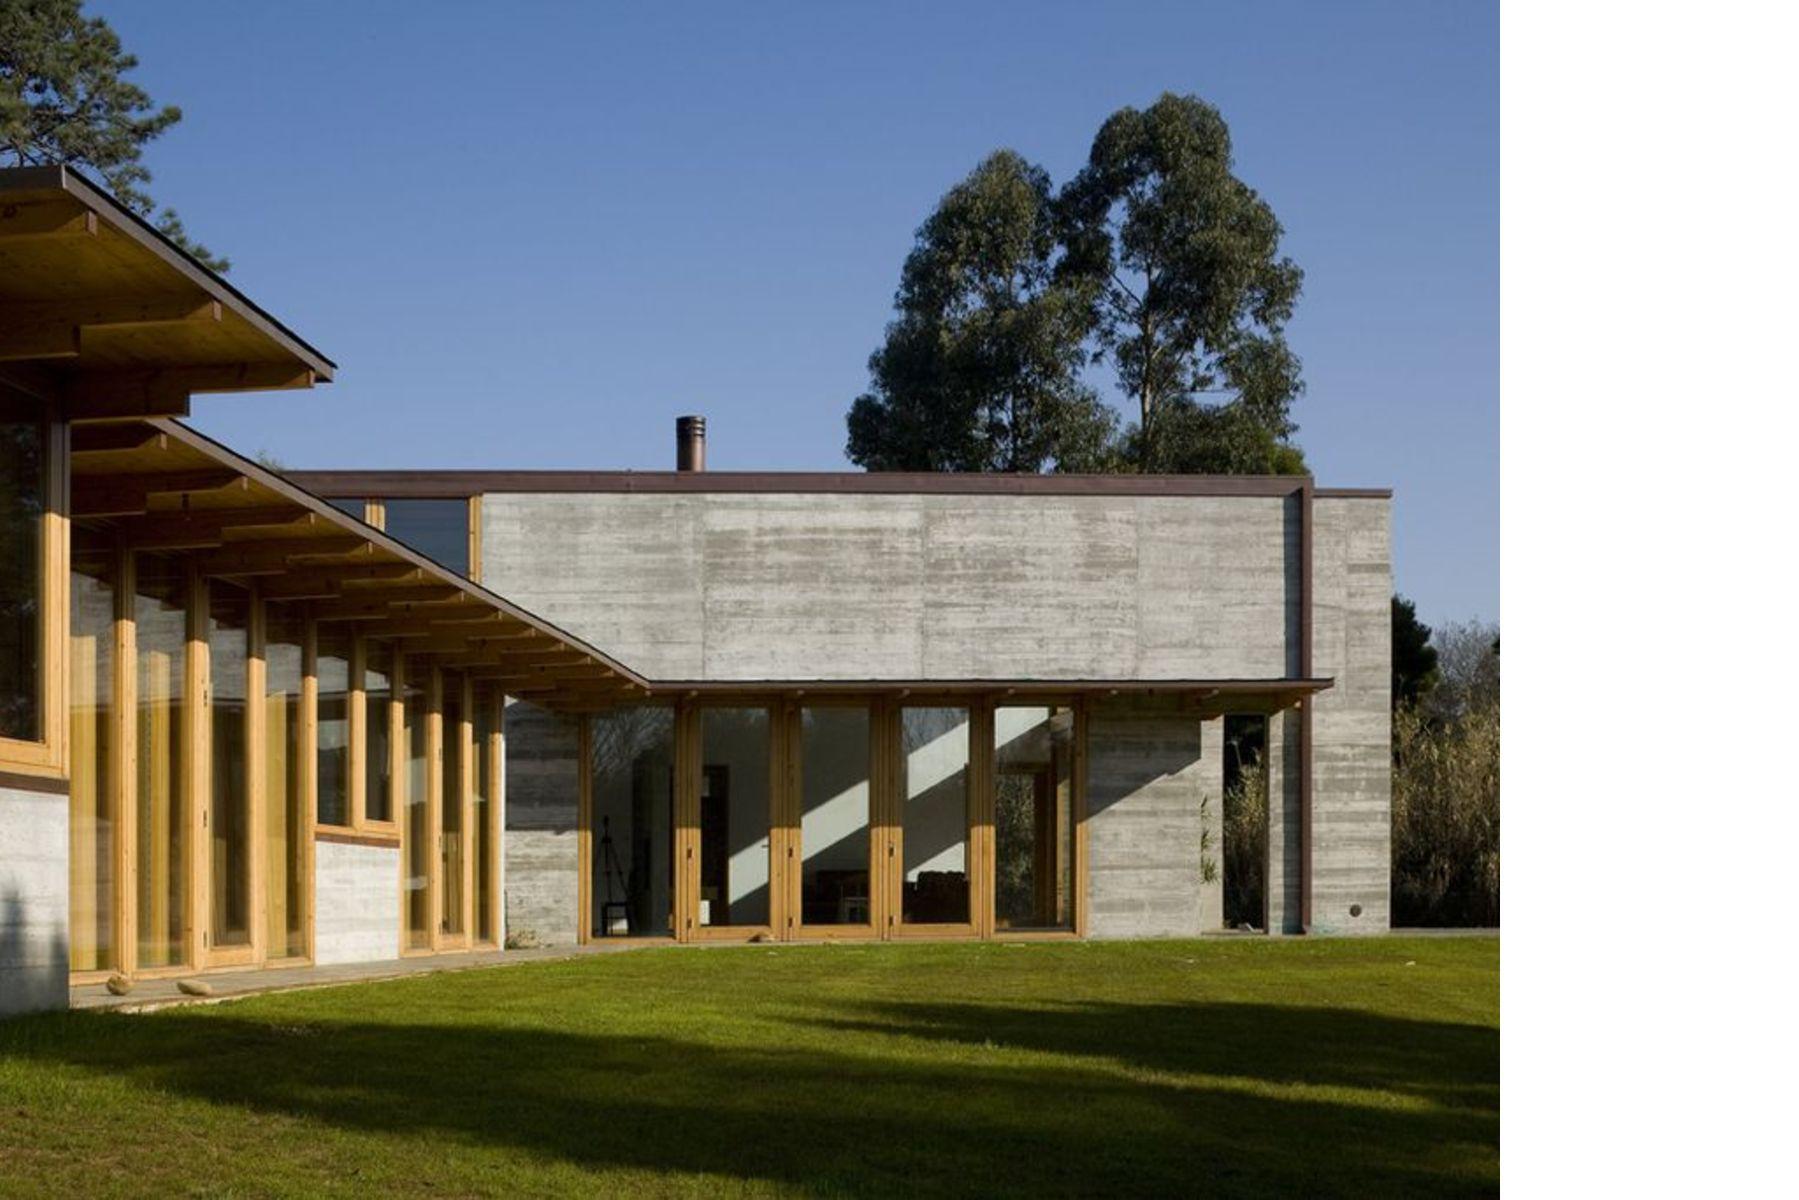 Castanheira una casa de cemento y madera floornature - Casas de madera y cemento ...